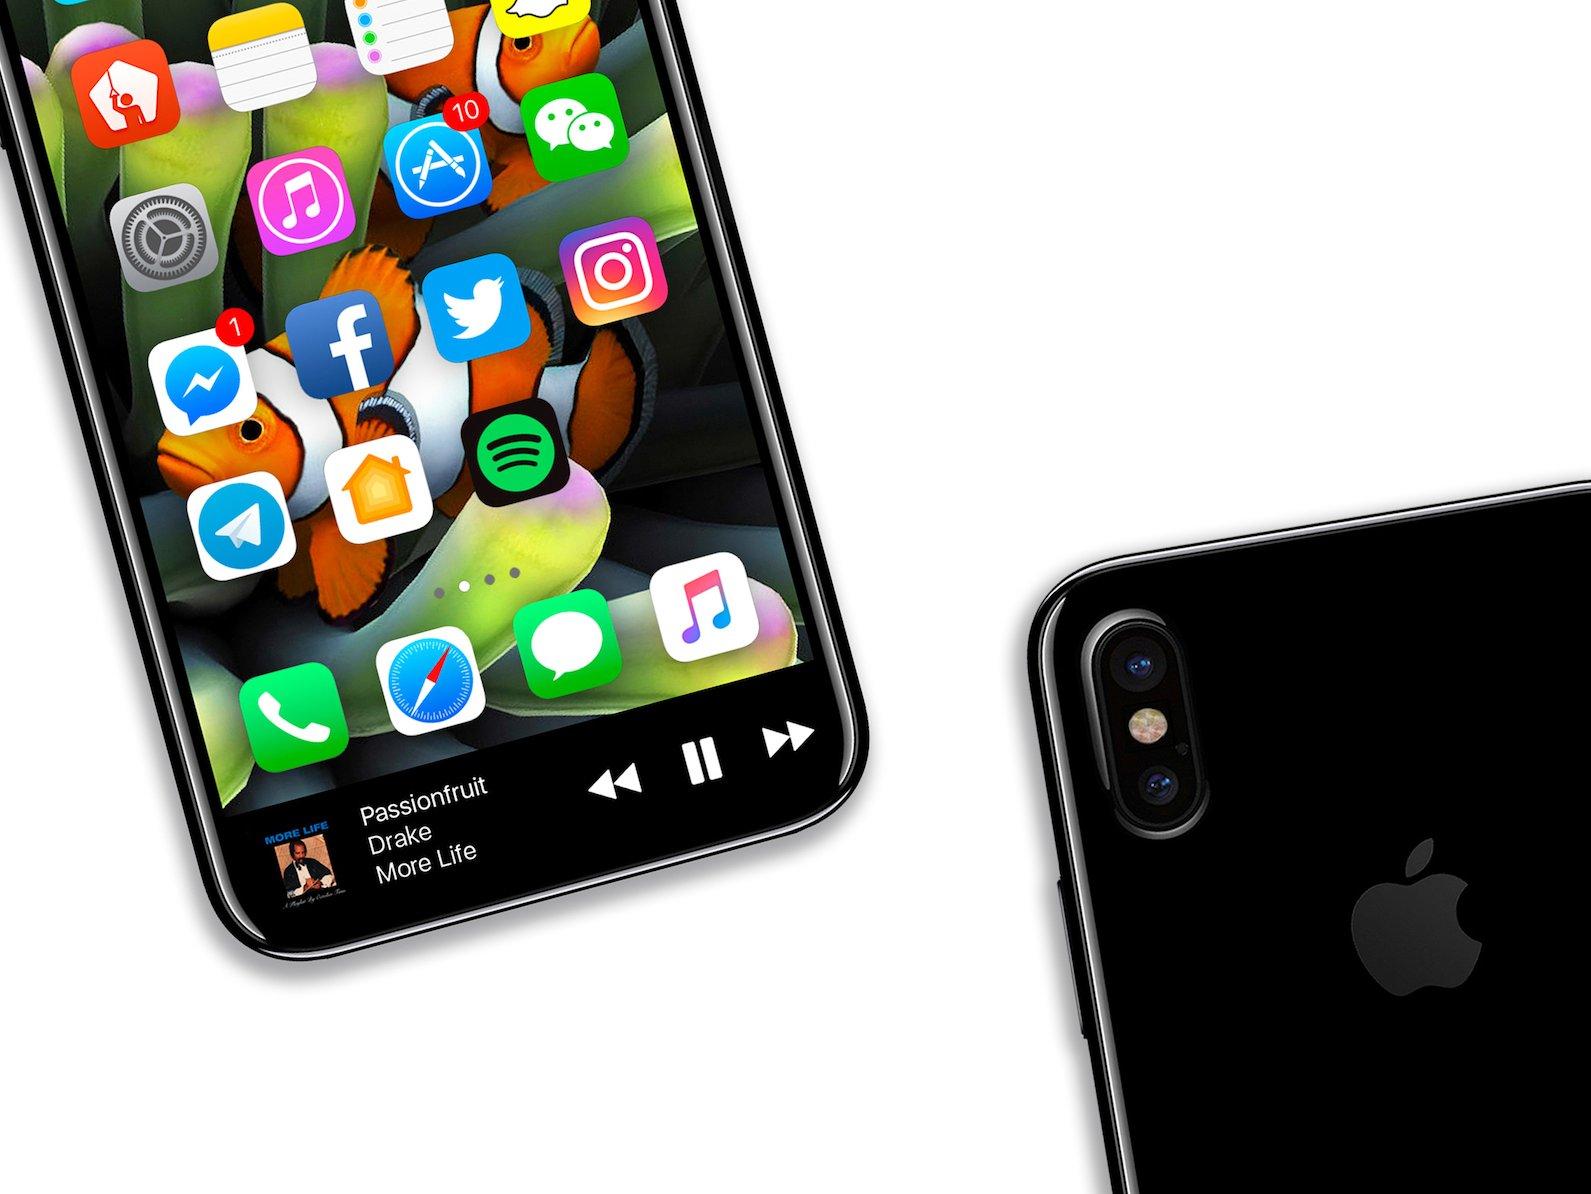 آیفون ۸ در ماه نوامبر به همراه اسکنر عنبیه چشم و بدون TouchID عرضه خواهد شد